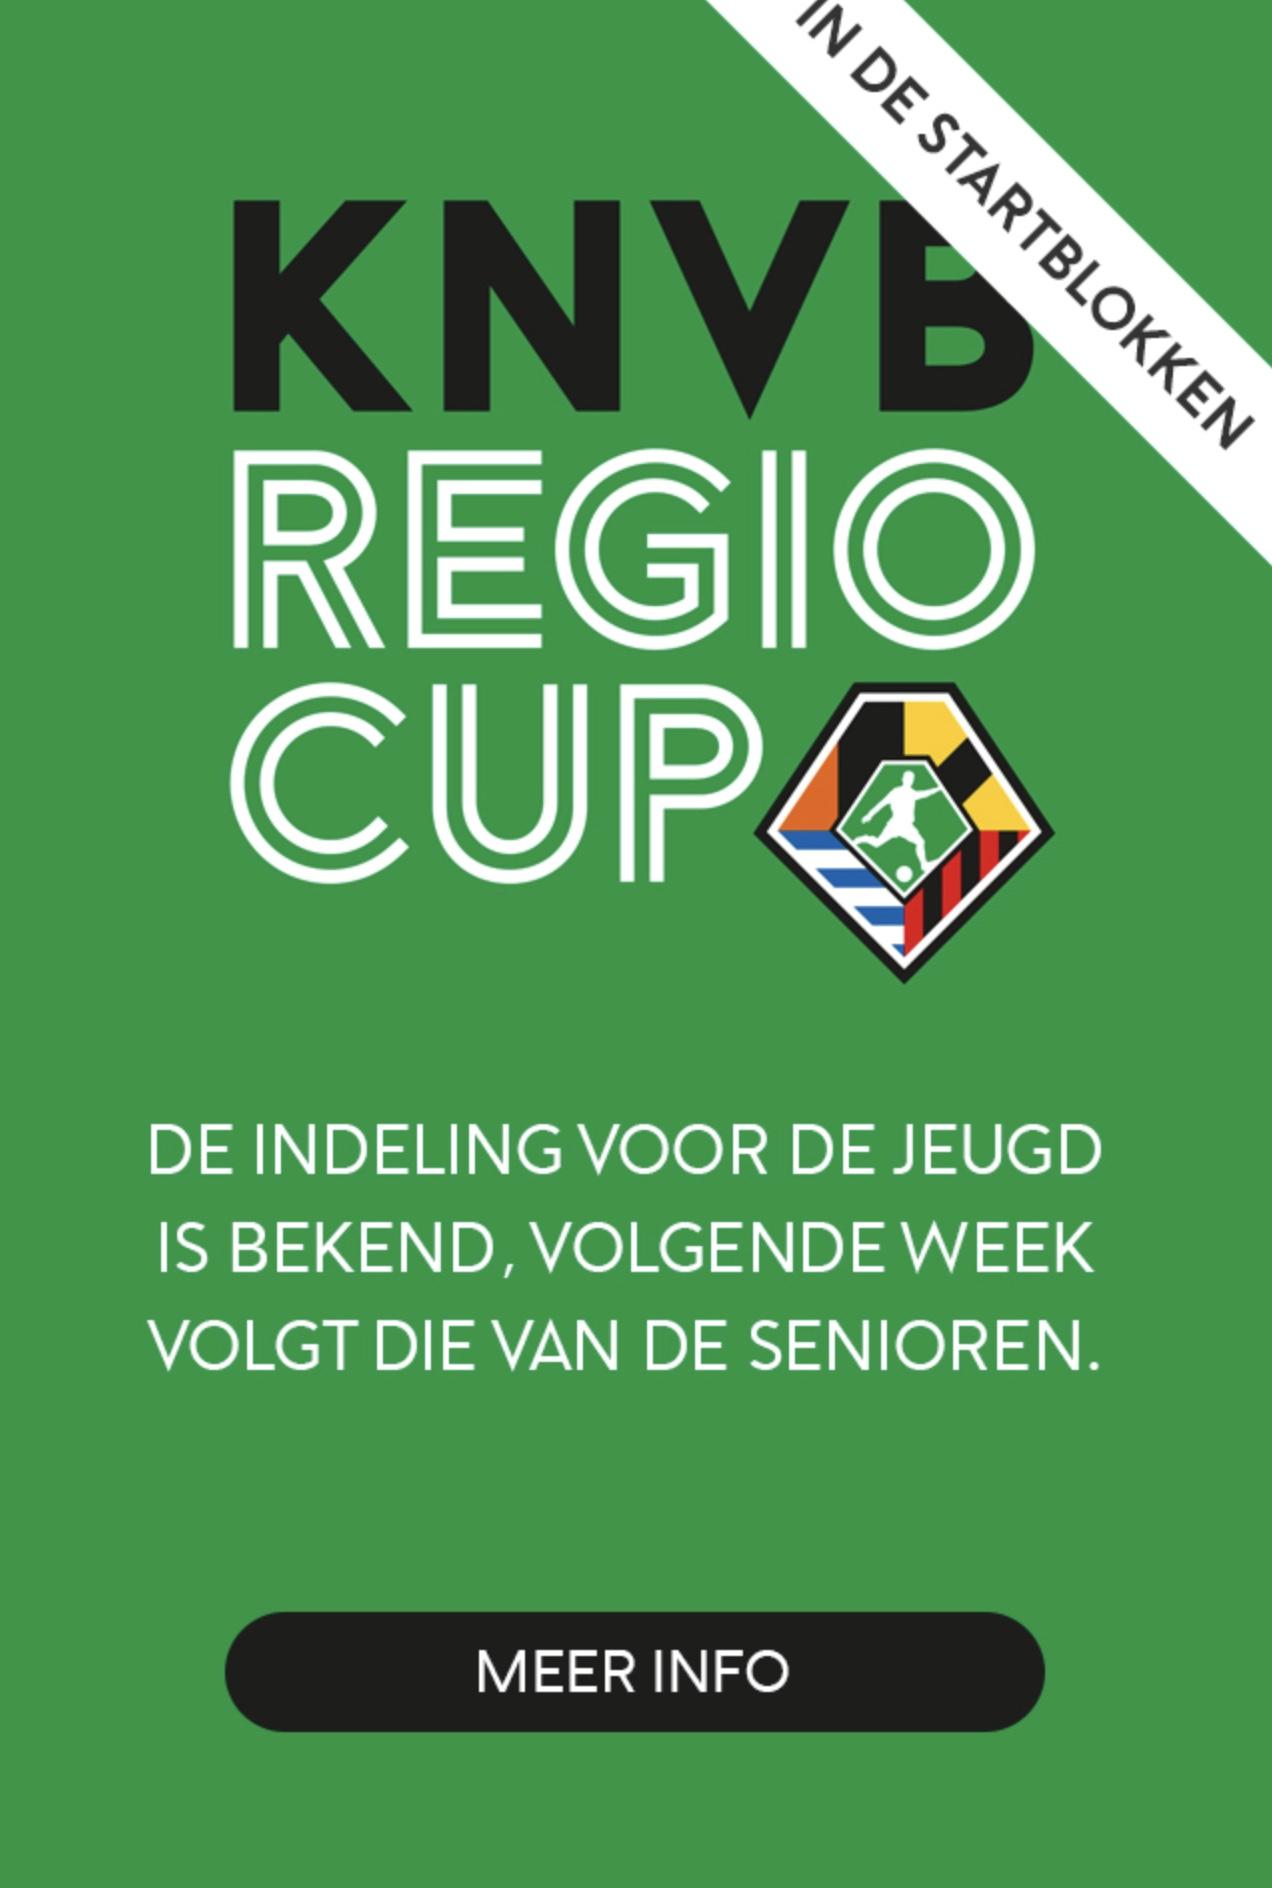 KNVB druk bezig met voorbereiding Regiocup